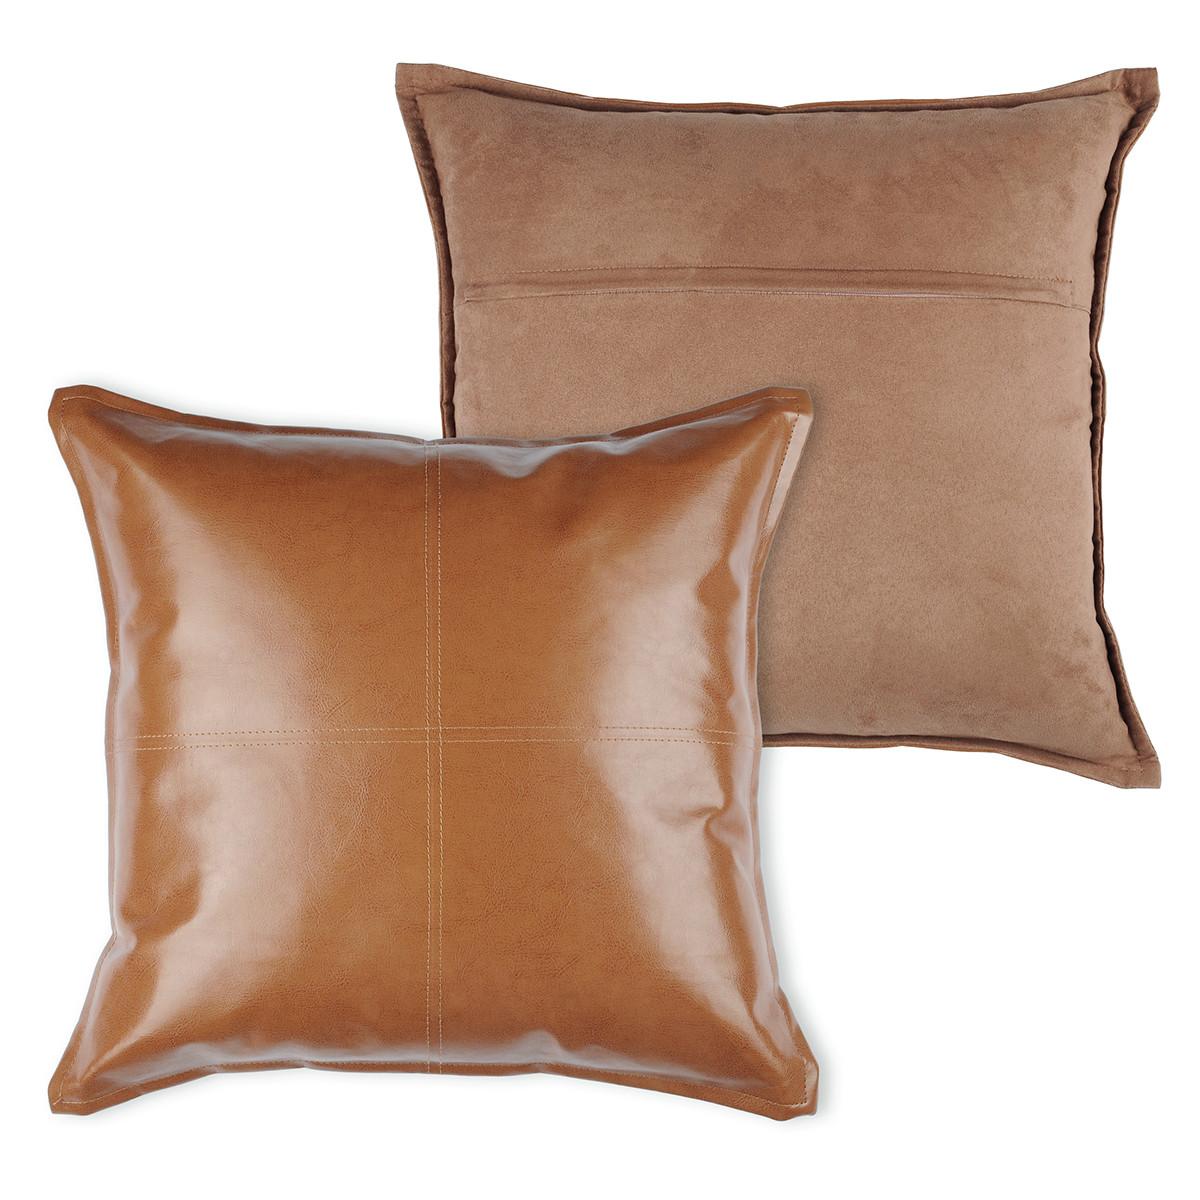 Διακοσμητικό Μαξιλάρι (40×40) FactoryHouse Camel C05174002